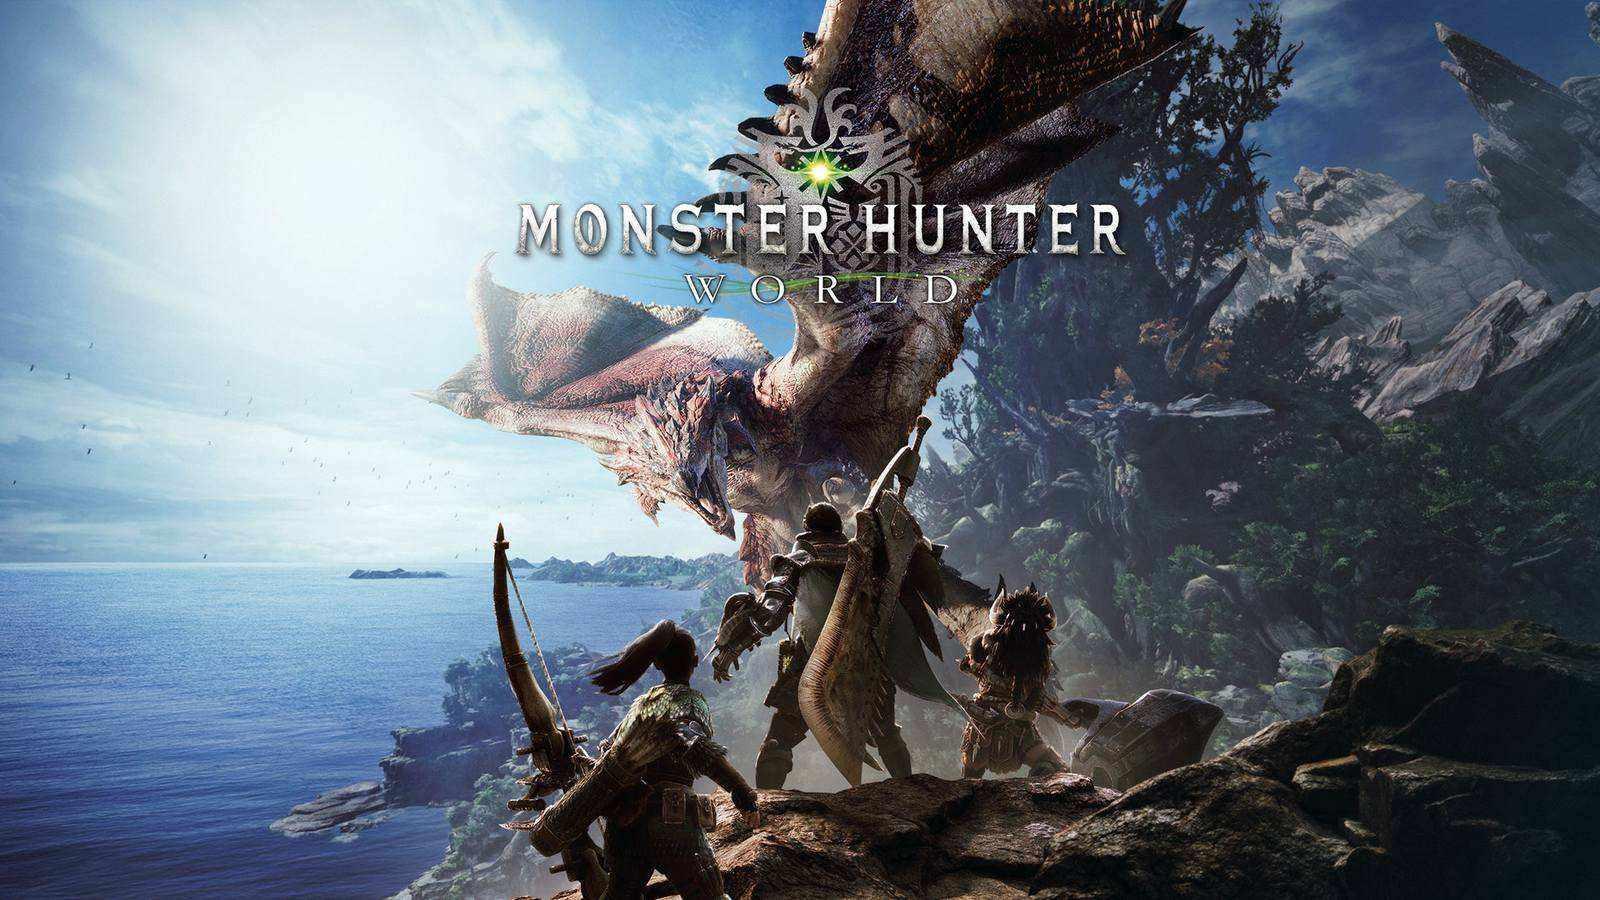 怪物猎人世界游戏进不去怎么办 DX12AP1选项问题解决办法